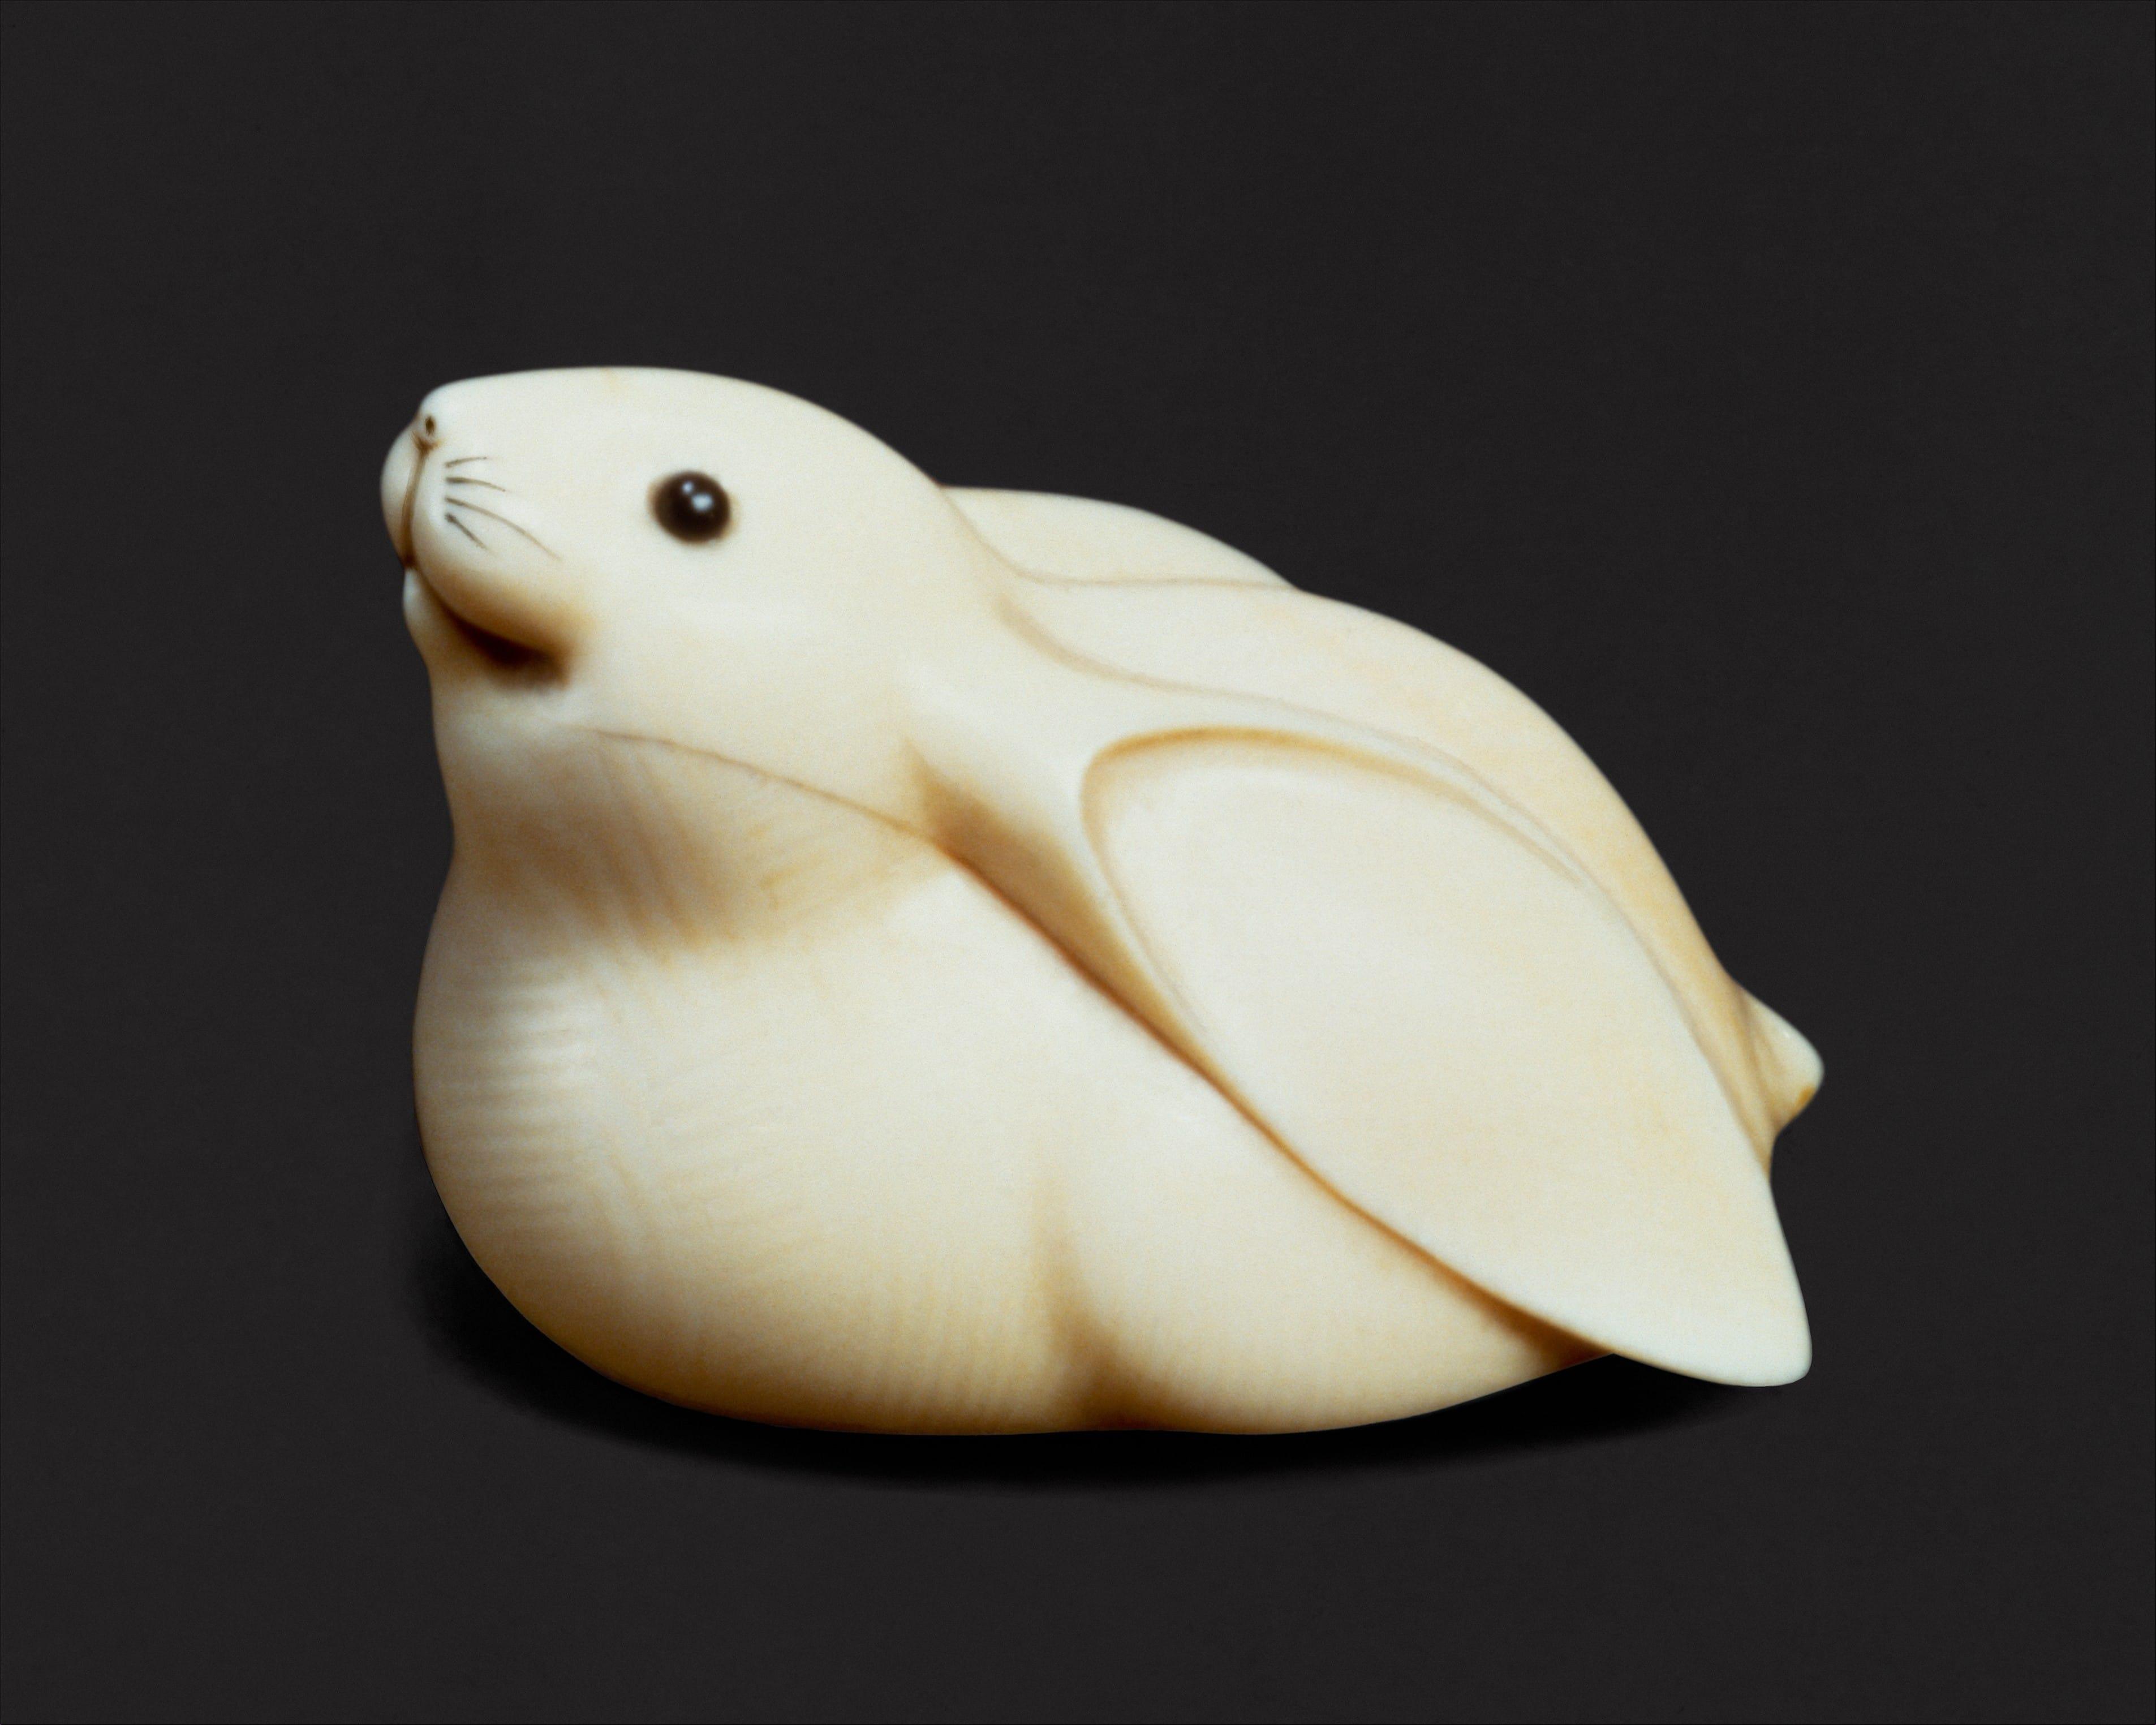 Rabbit, Mitsuhiro Ōhara